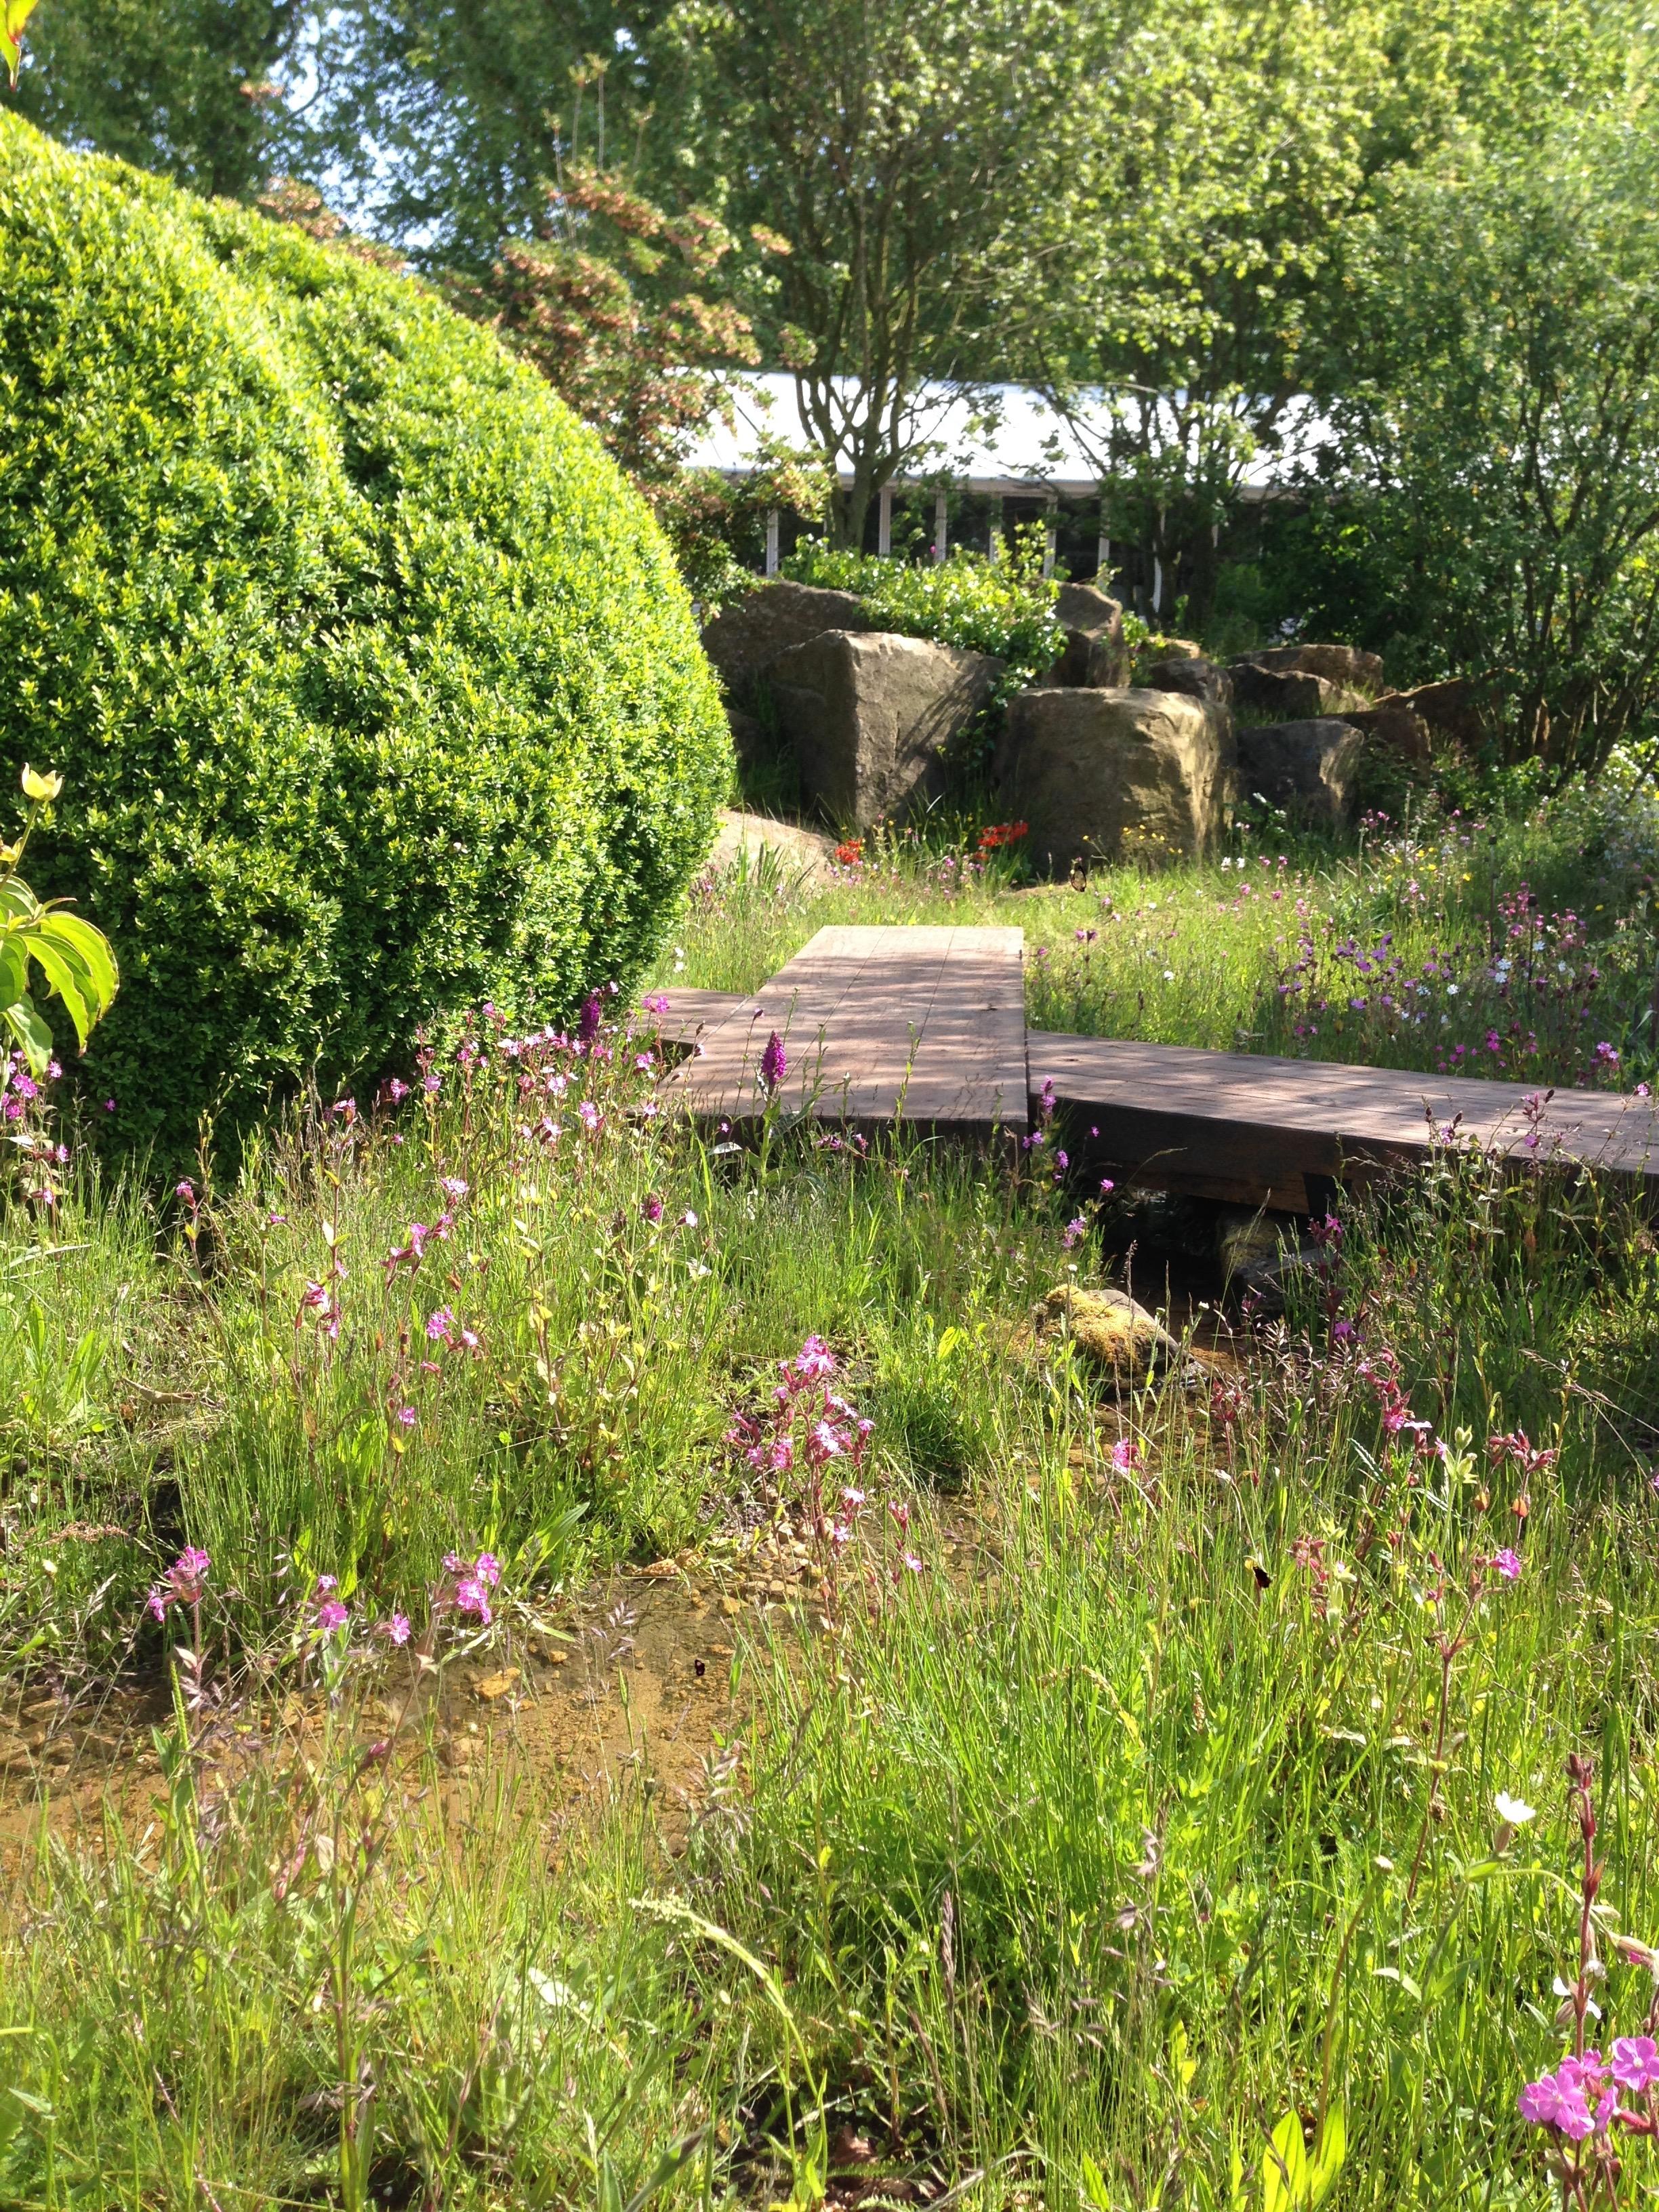 Deze natuurlijke tuin met giga rotsblokken werd alom beschouwd als een hoogstandje van grote klasse. Topontwerper Dan Pearson kreeg er dan ook de Gold Medal voor.